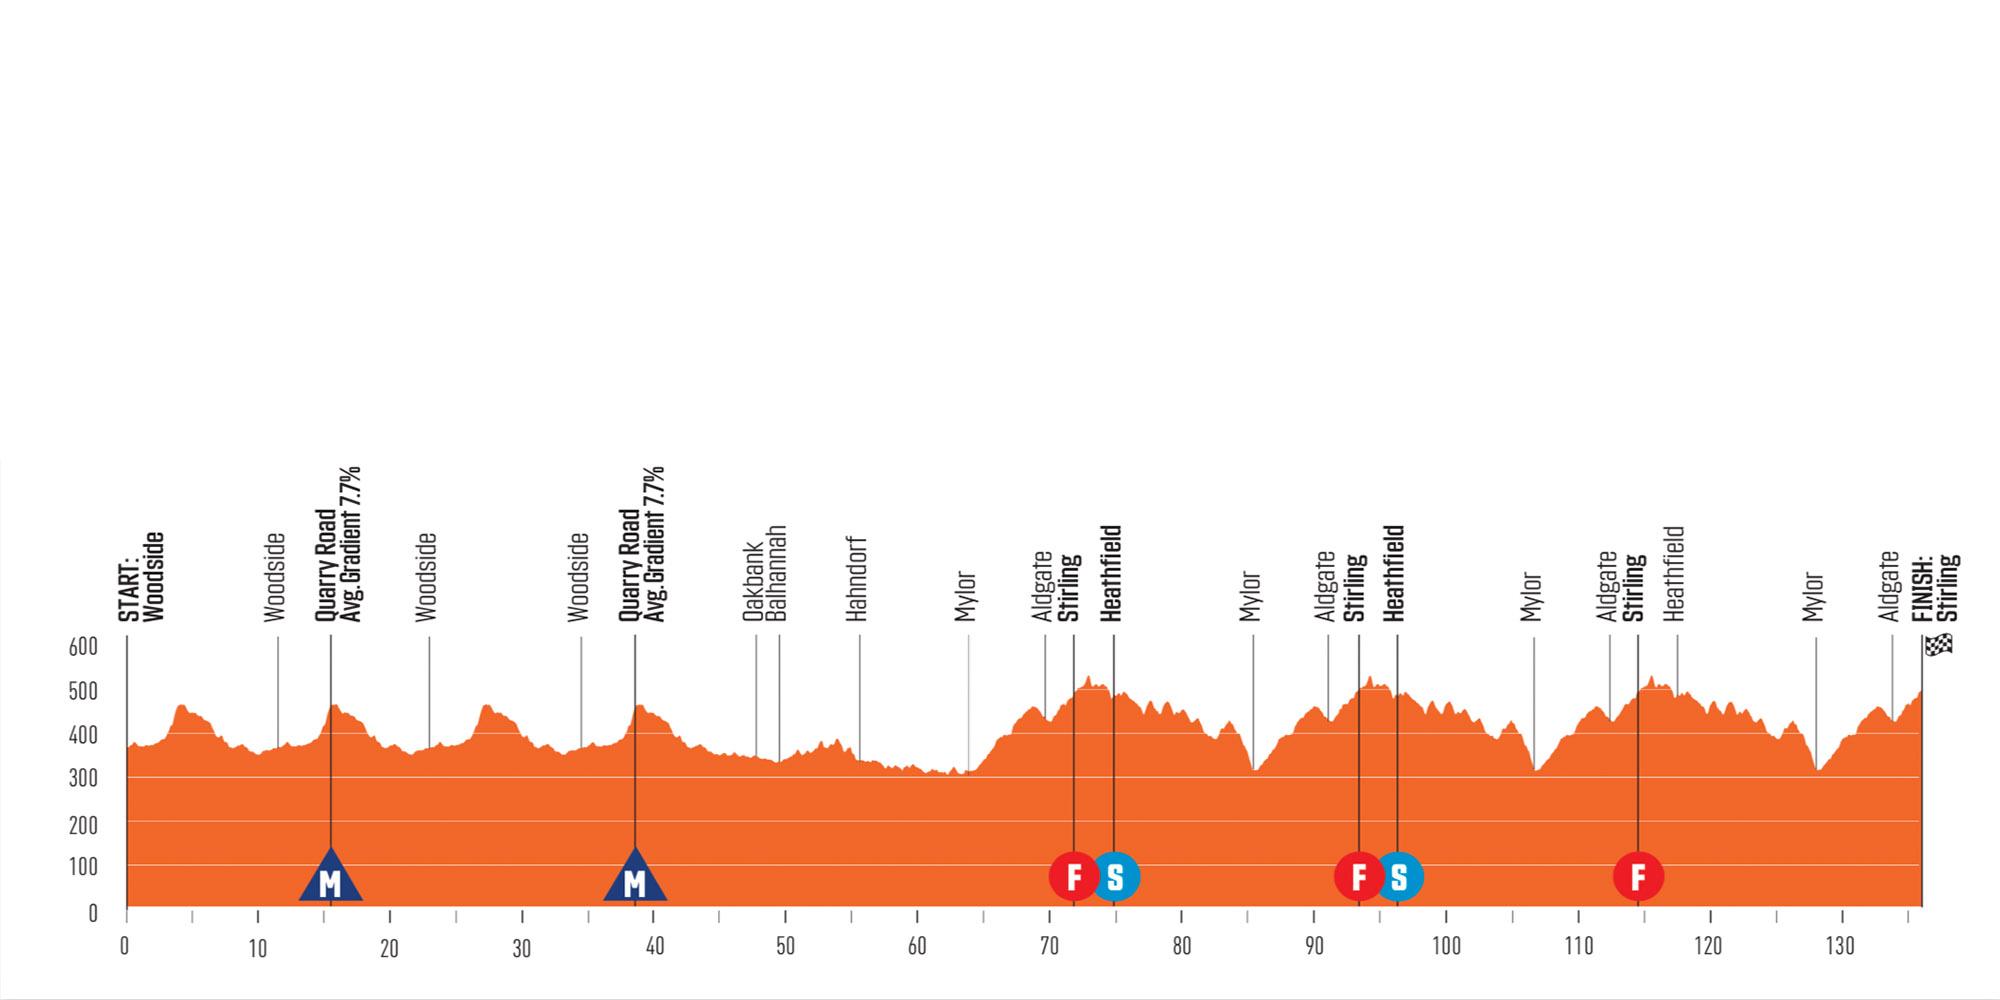 Perfil de la segunda etapa del Santos Tour Down Under 2020